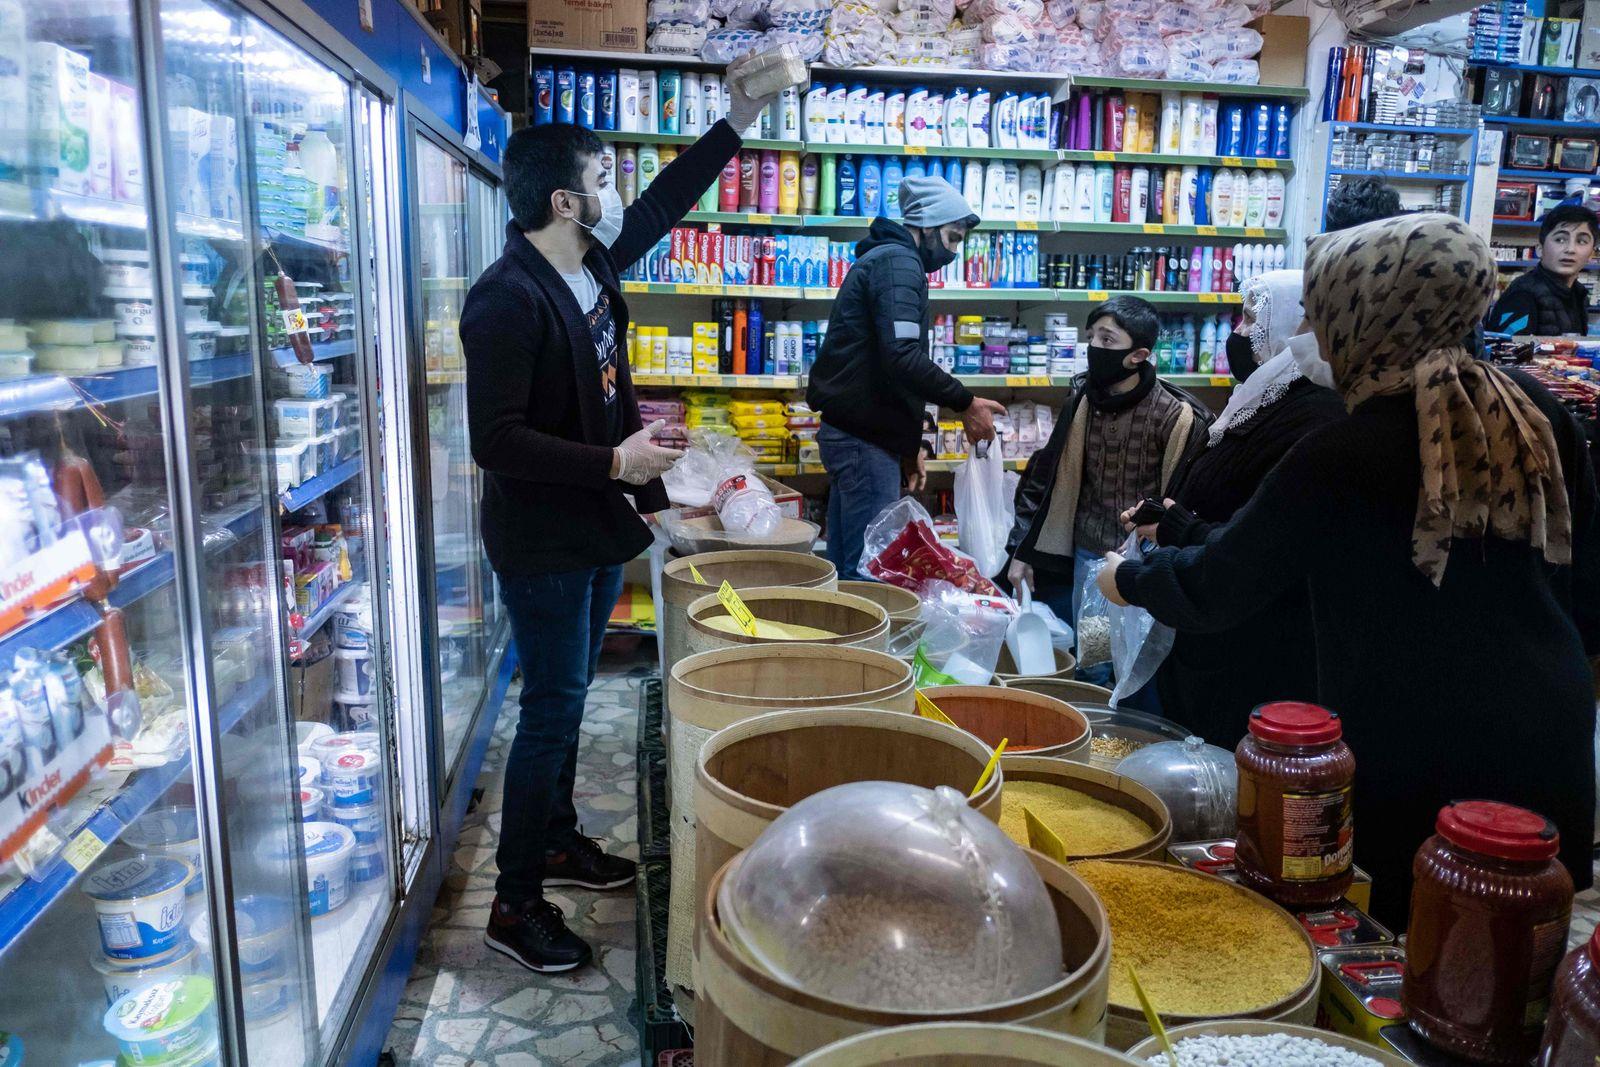 TURKEY-HEALTH-VIRUS-FOOD